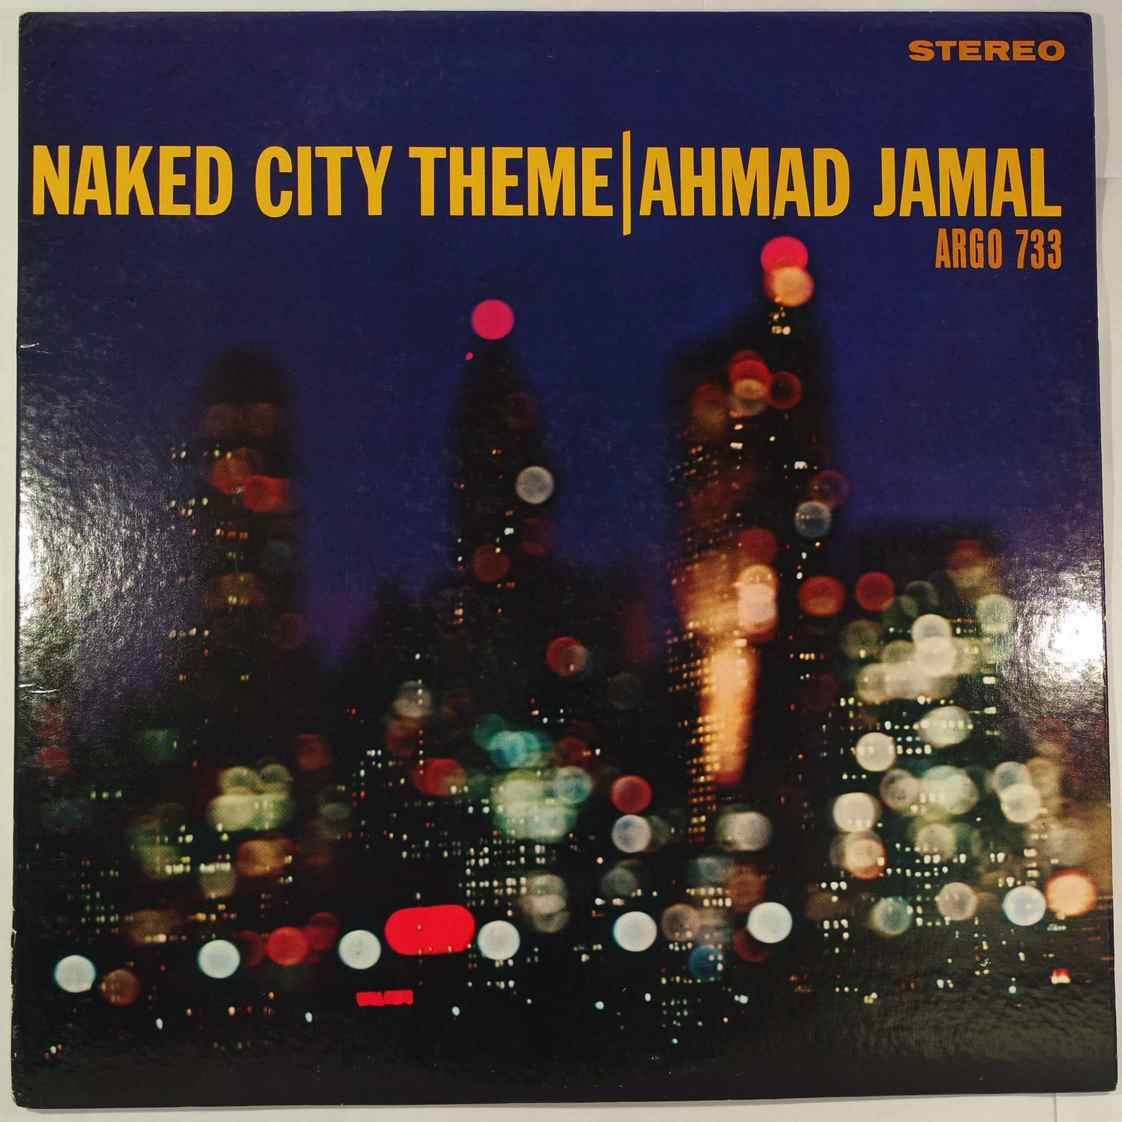 AHMAD JAMAL - Naked City Theme - LP